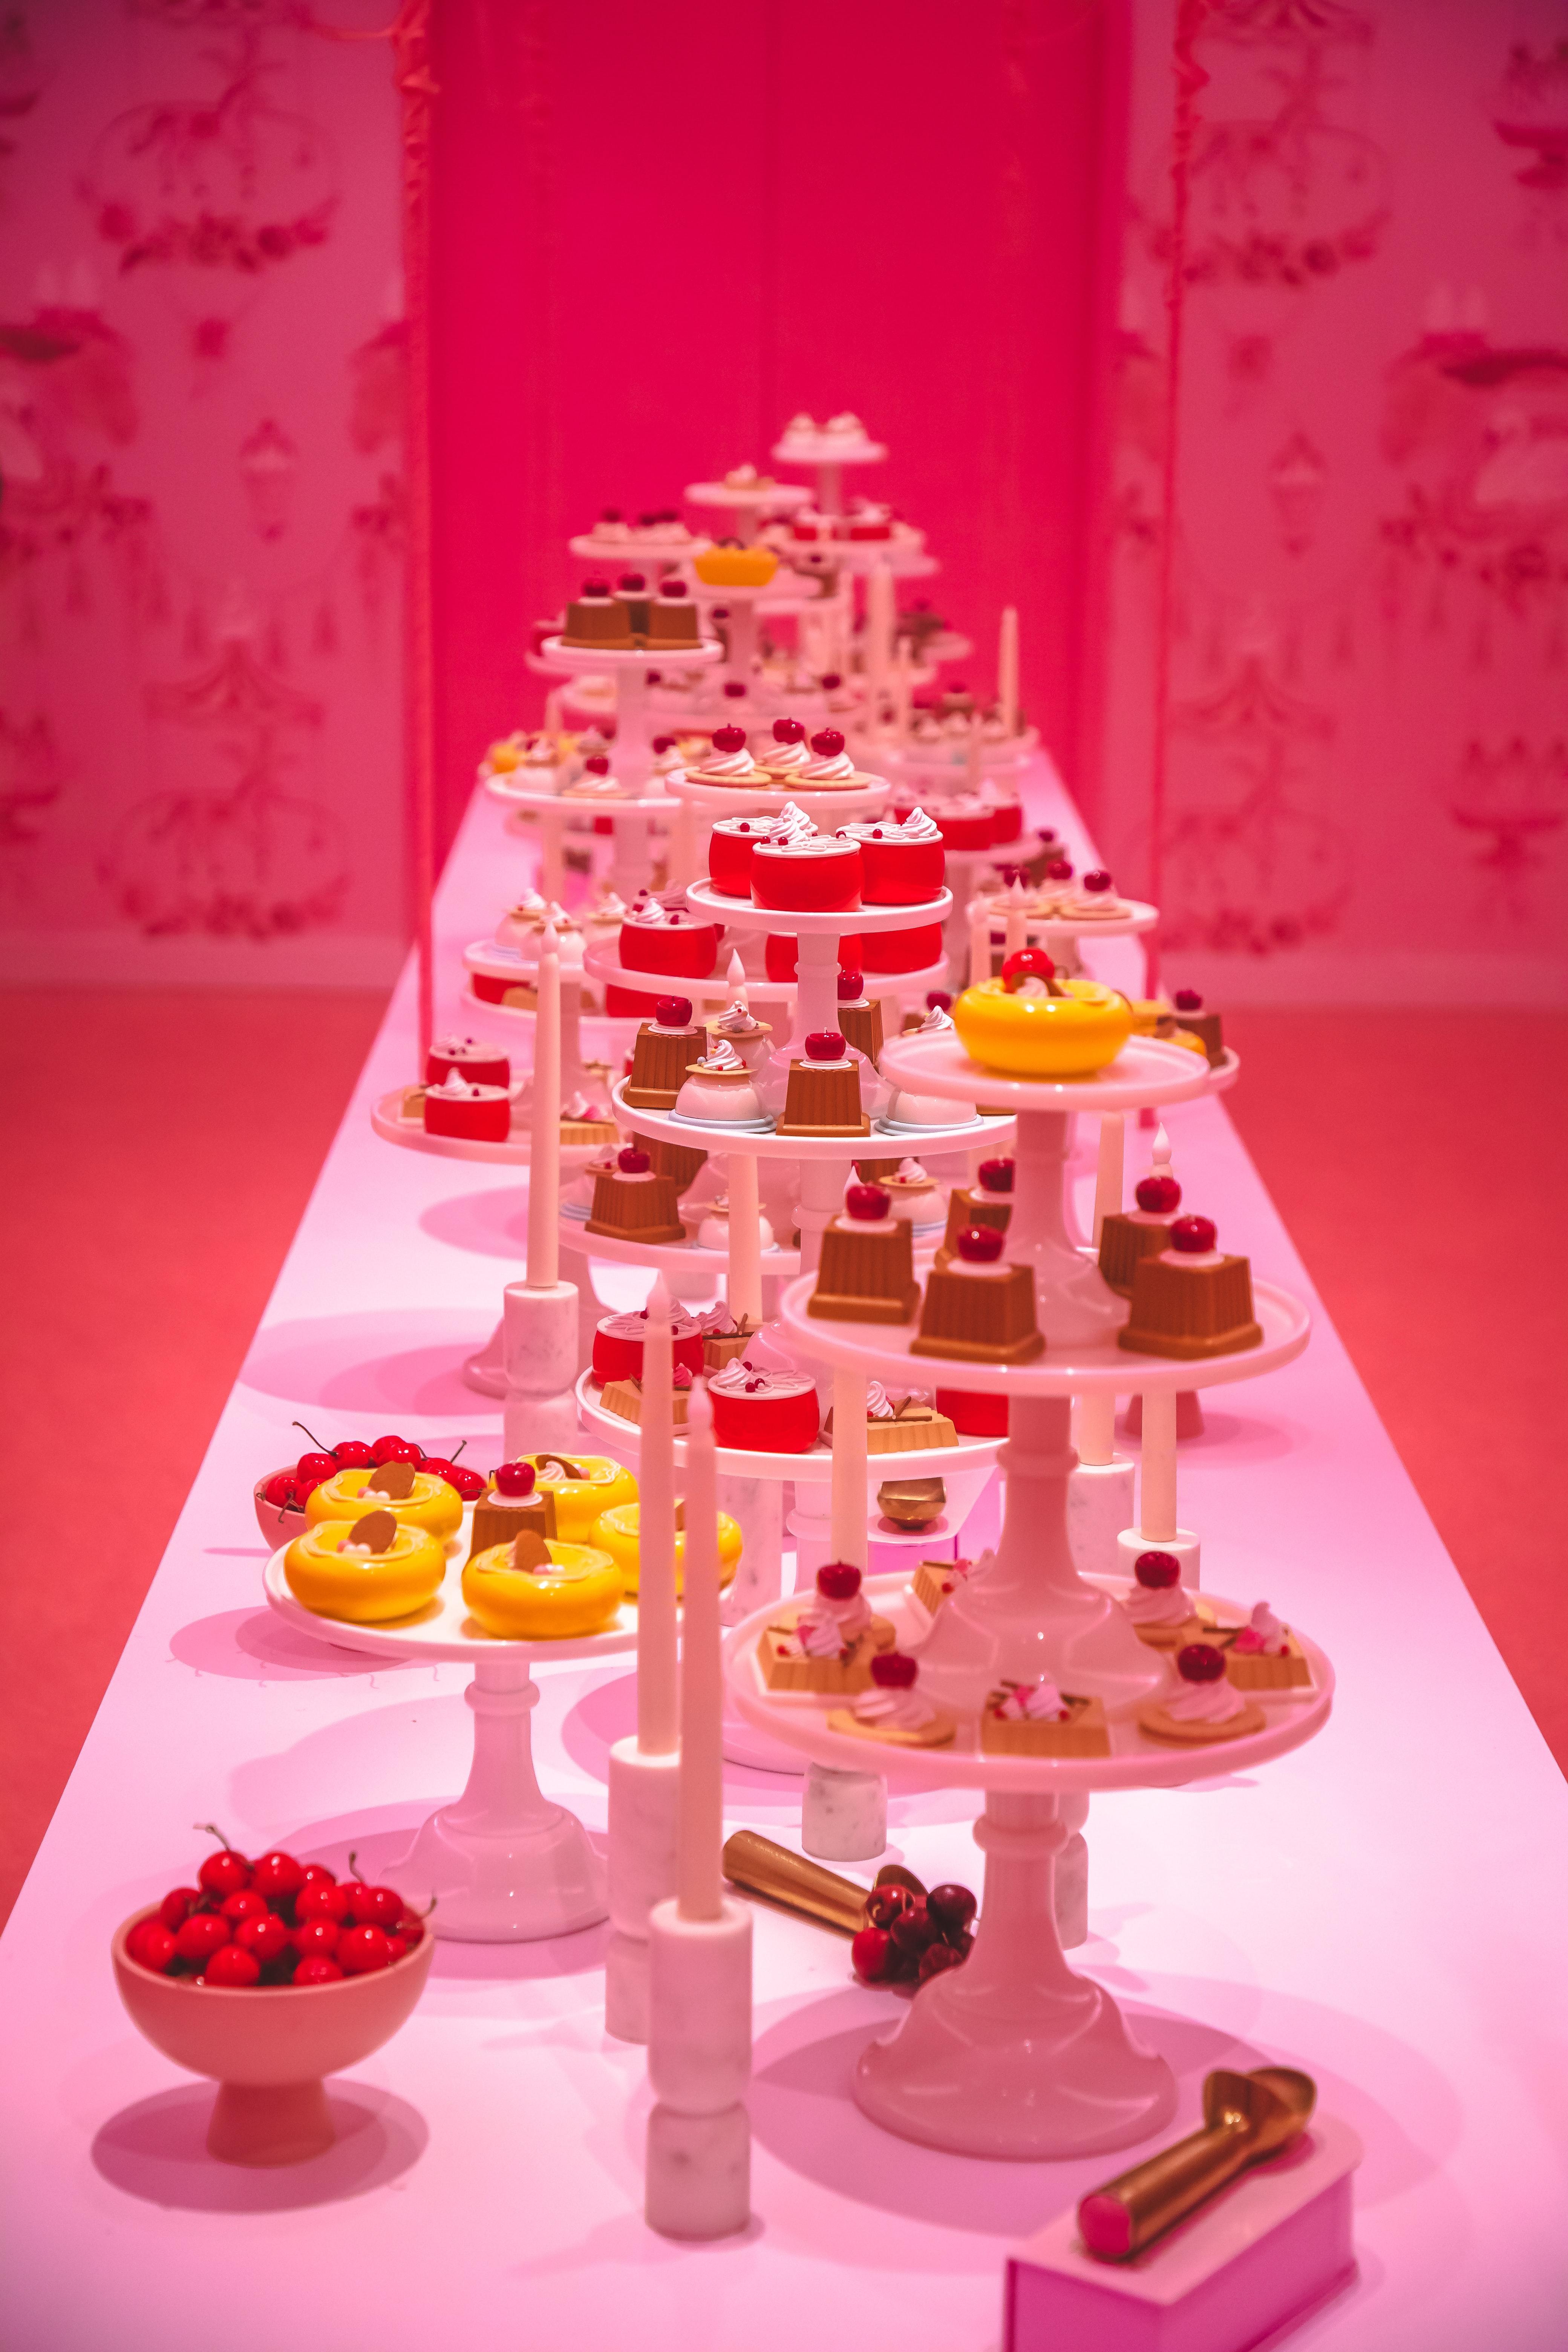 A table full of deserts. Photo courtesy of Branden Skeli on Unsplash.